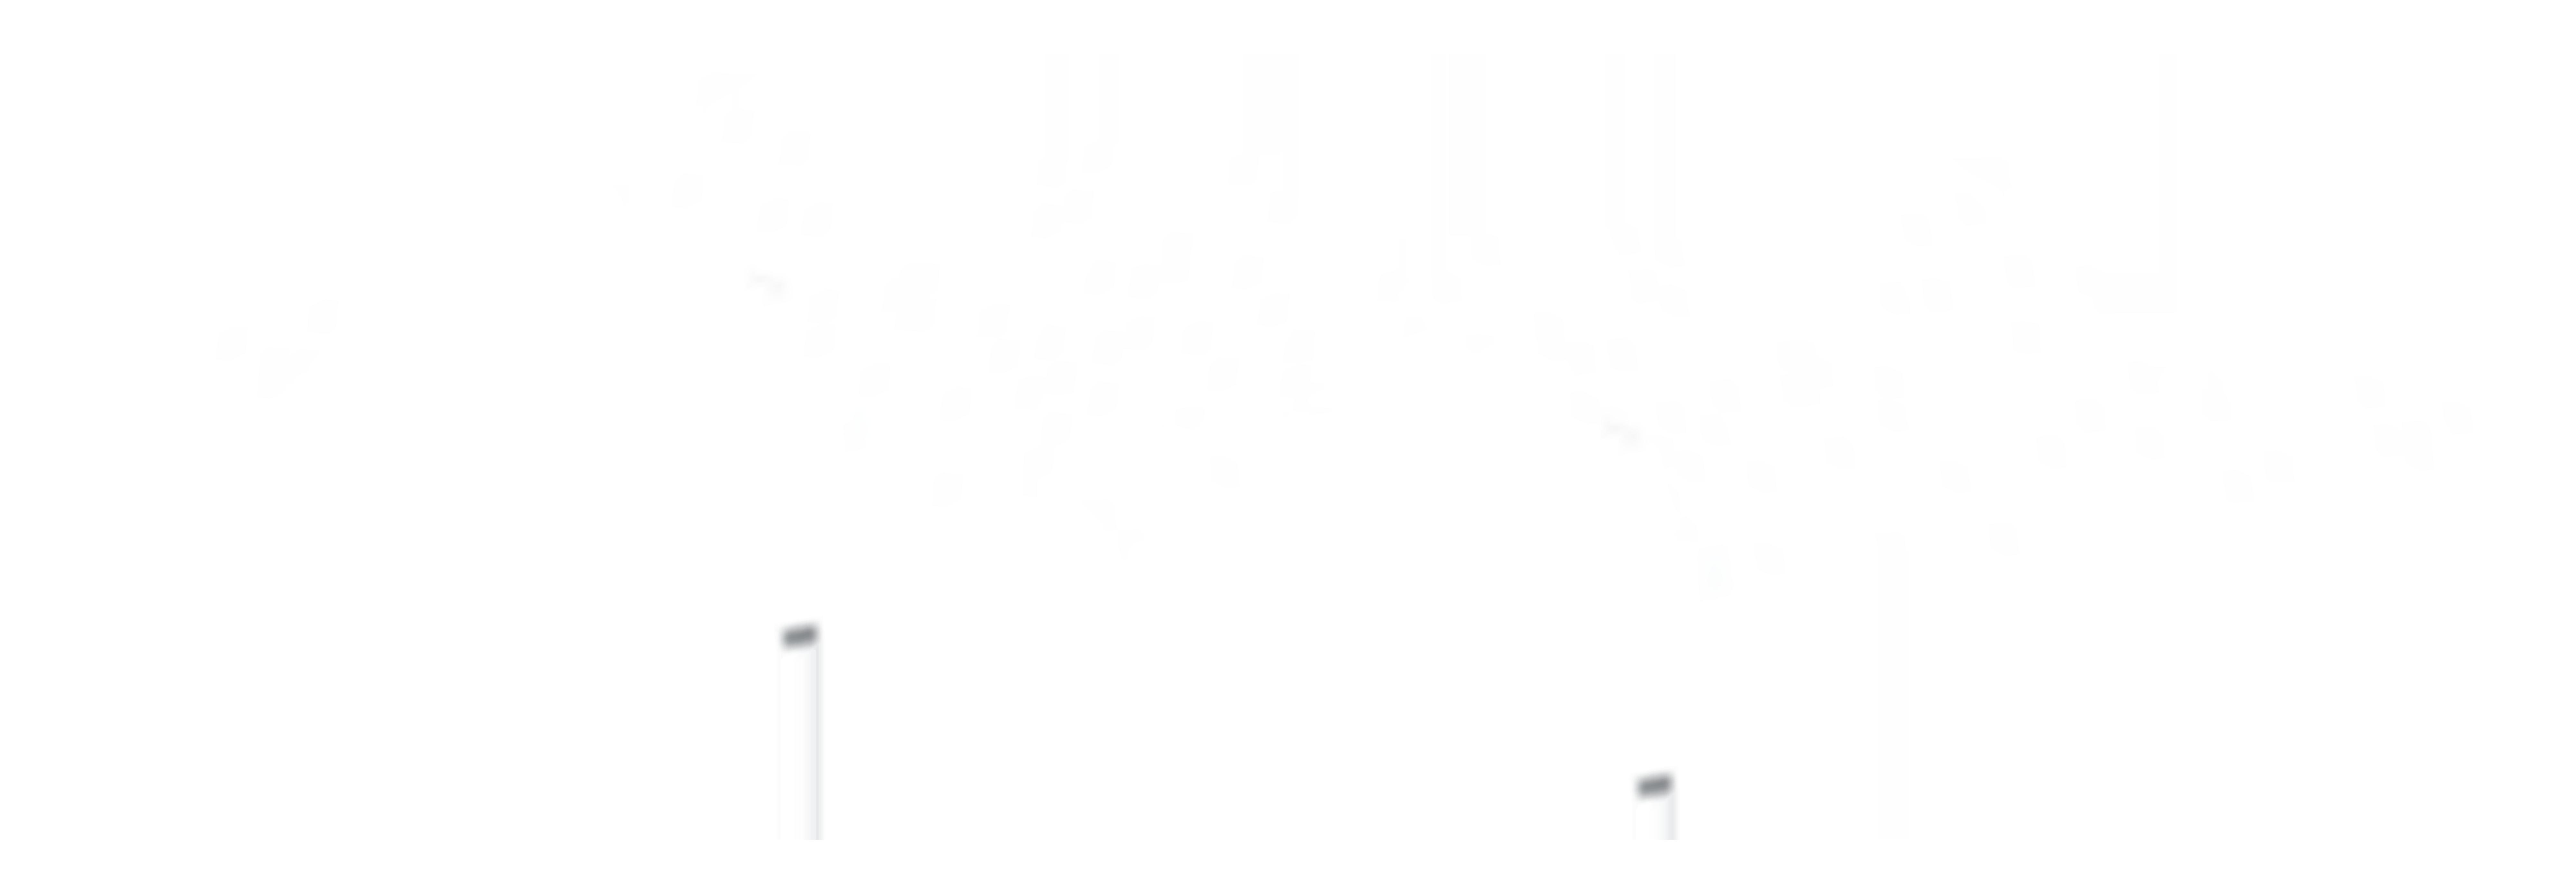 Clouds PNG Transparent Clip Art Image.